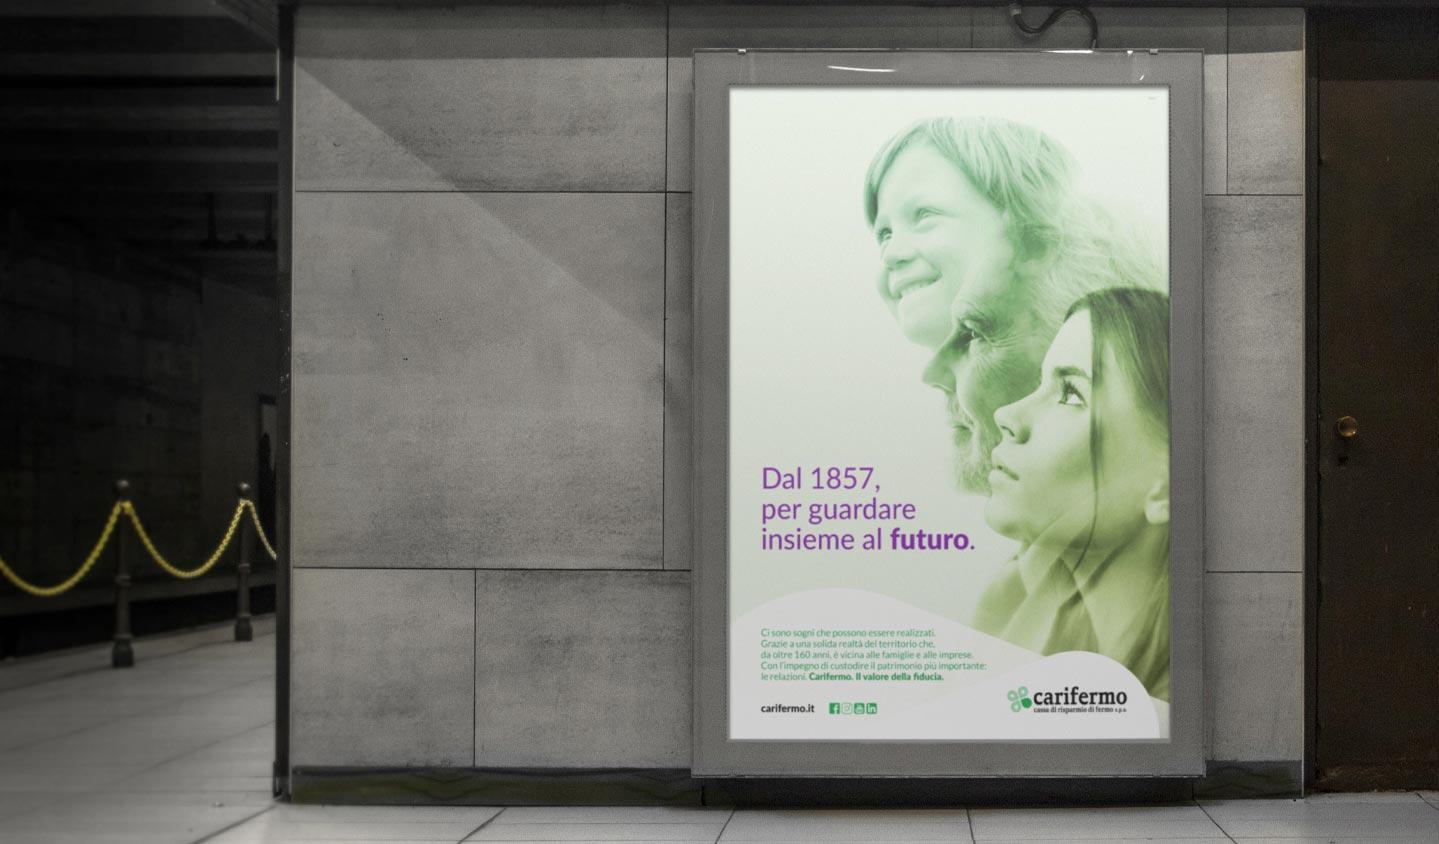 Realizzazione campagne pubblicitarie per Carifermo   Hammer ADV